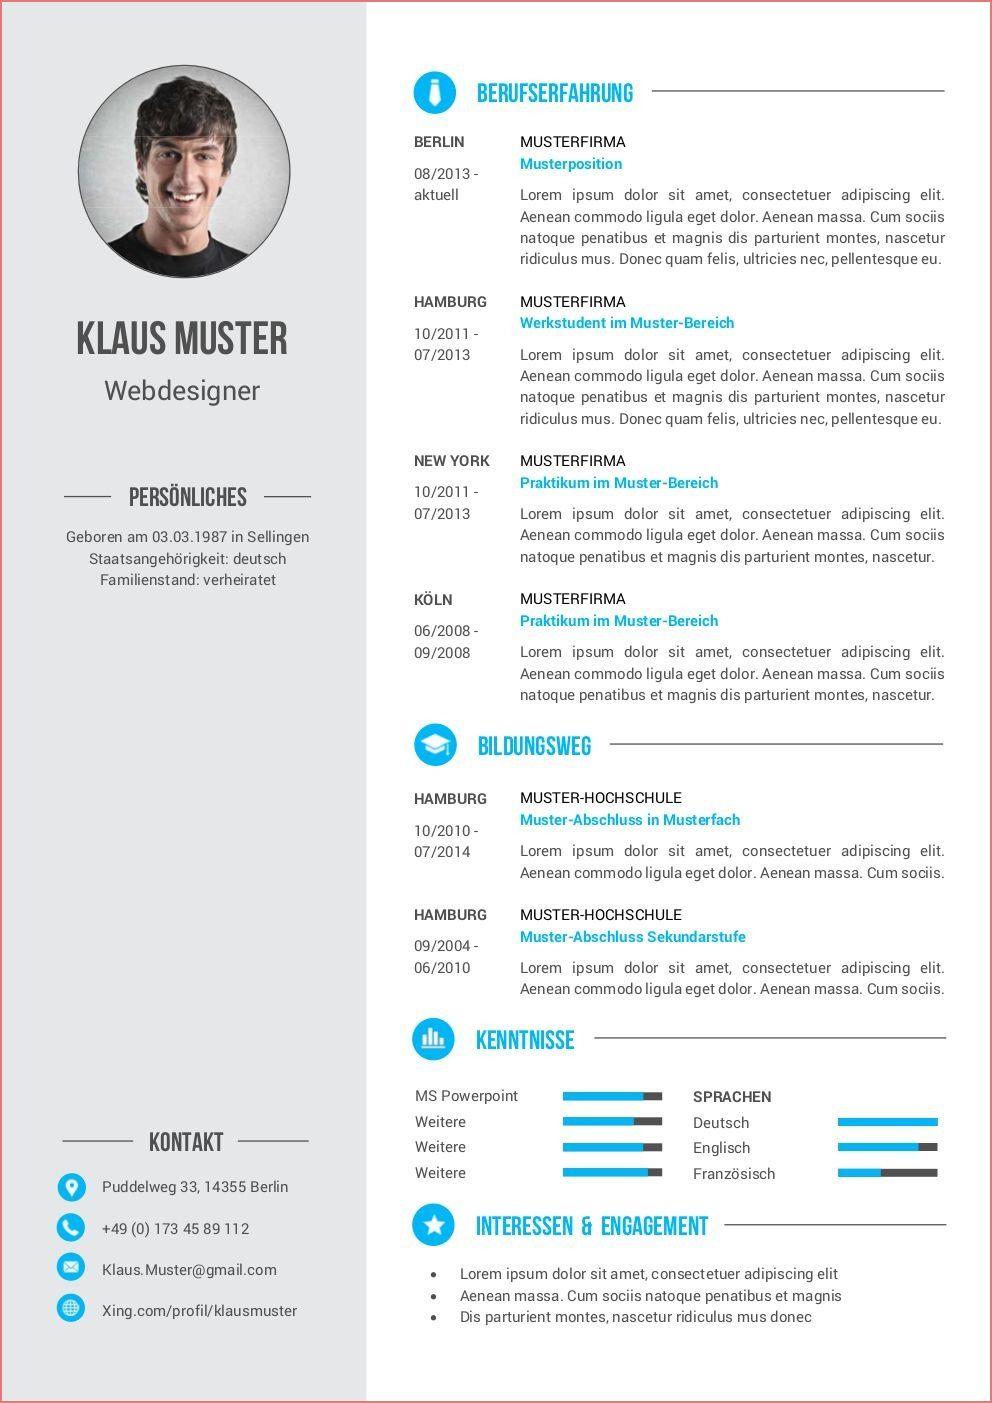 15 Kunstlerisch Kostenlose Vorlagen Tabellarischer Lebenslauf Fotografie Cv Template Downloadable Resume Template Resume Templates